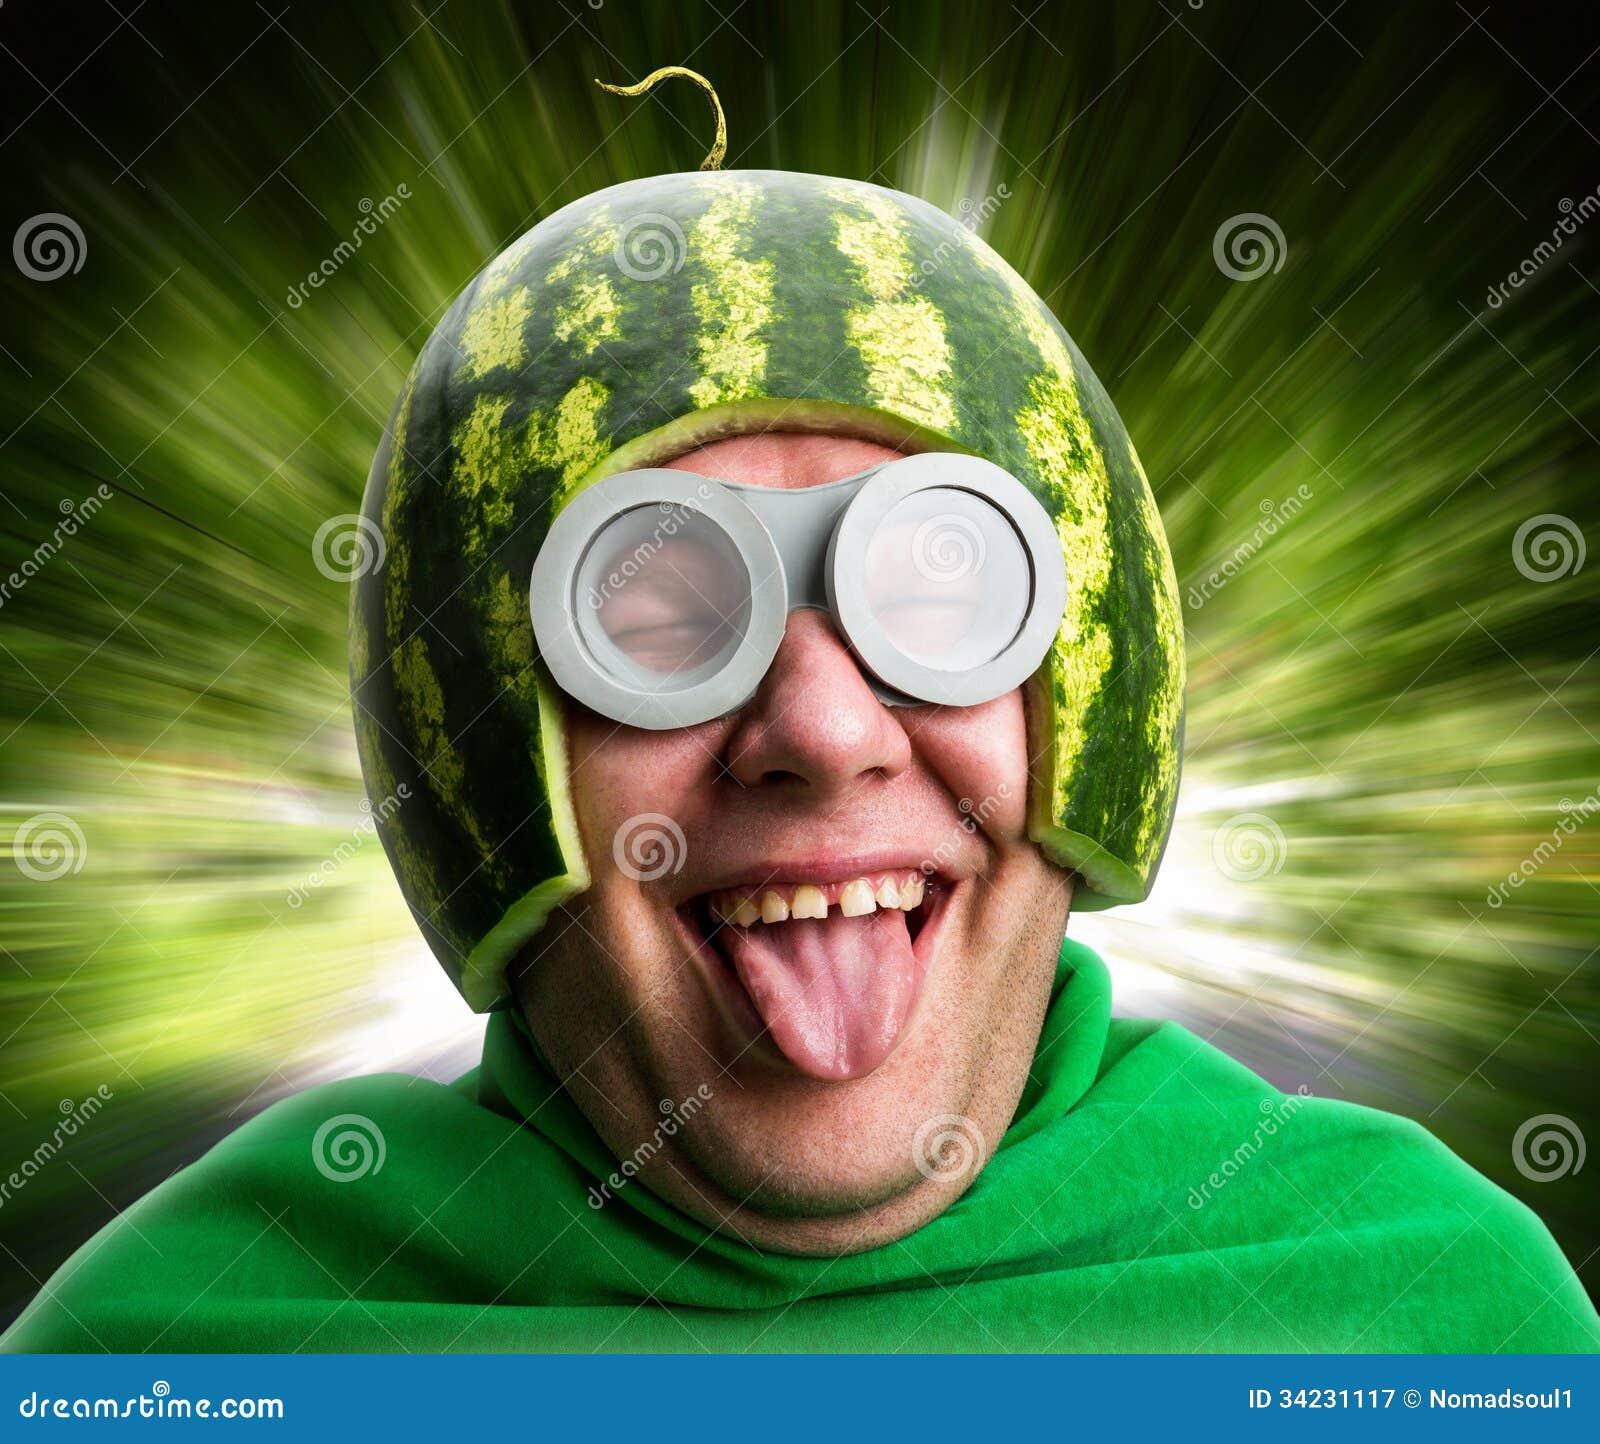 Weird Watermelon Pictures